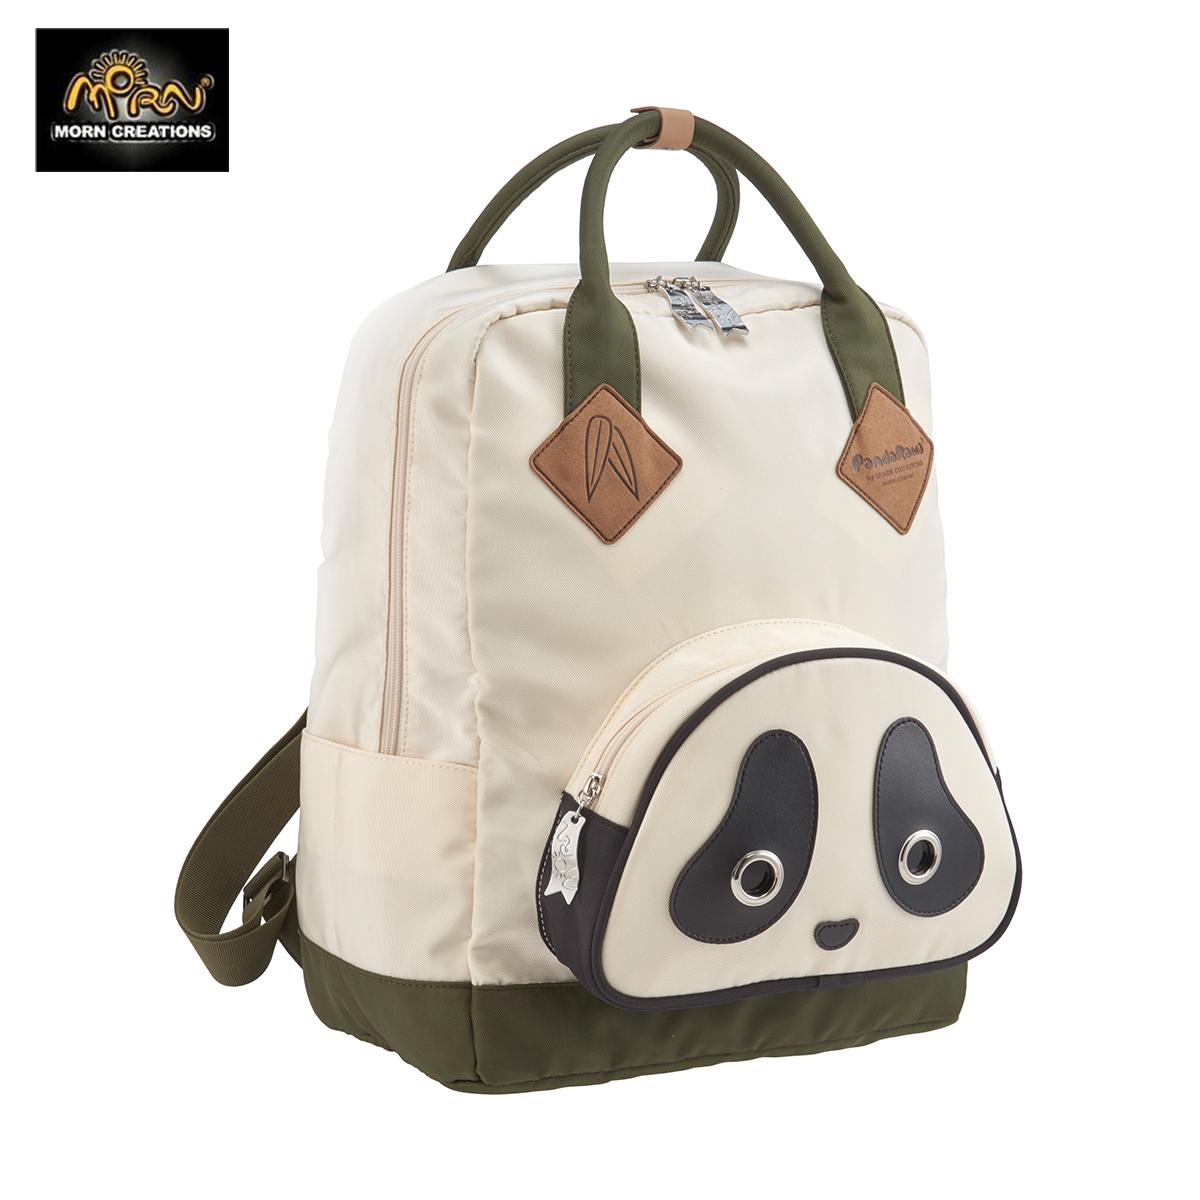 Morn Creations官网授权同款熊猫背包书包潮牌双肩包手提包